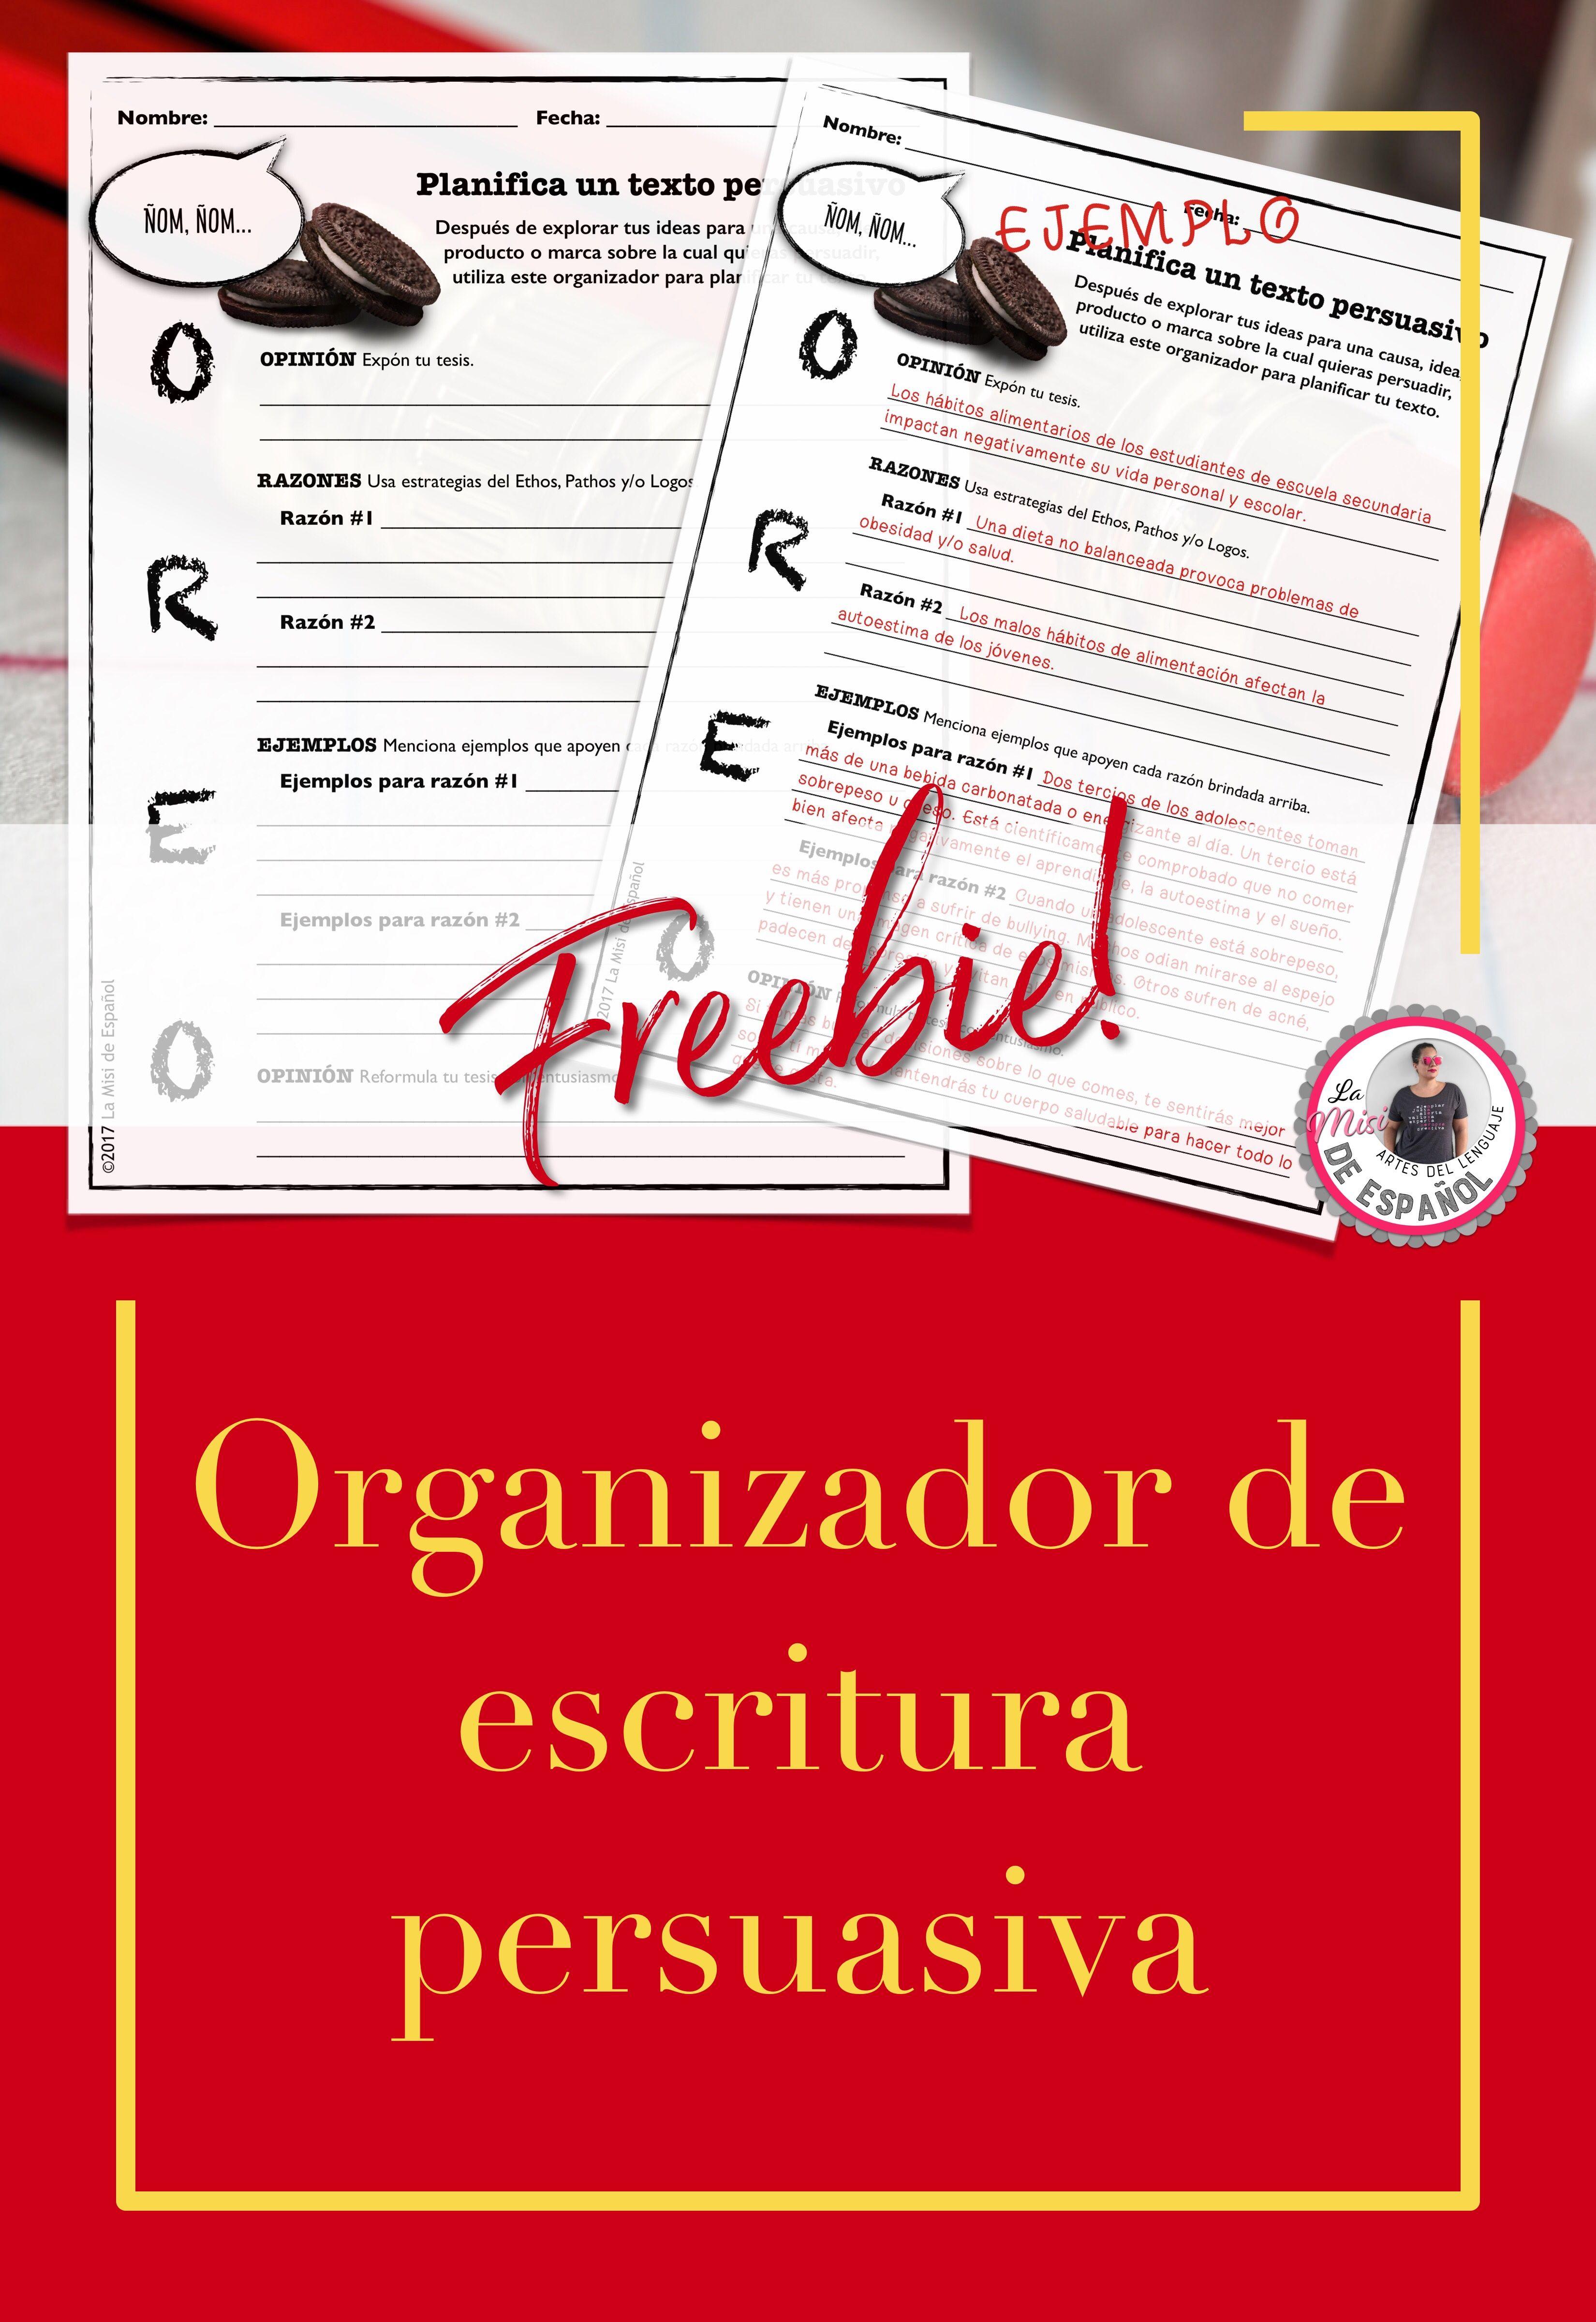 Organizador Escritura Persuasiva